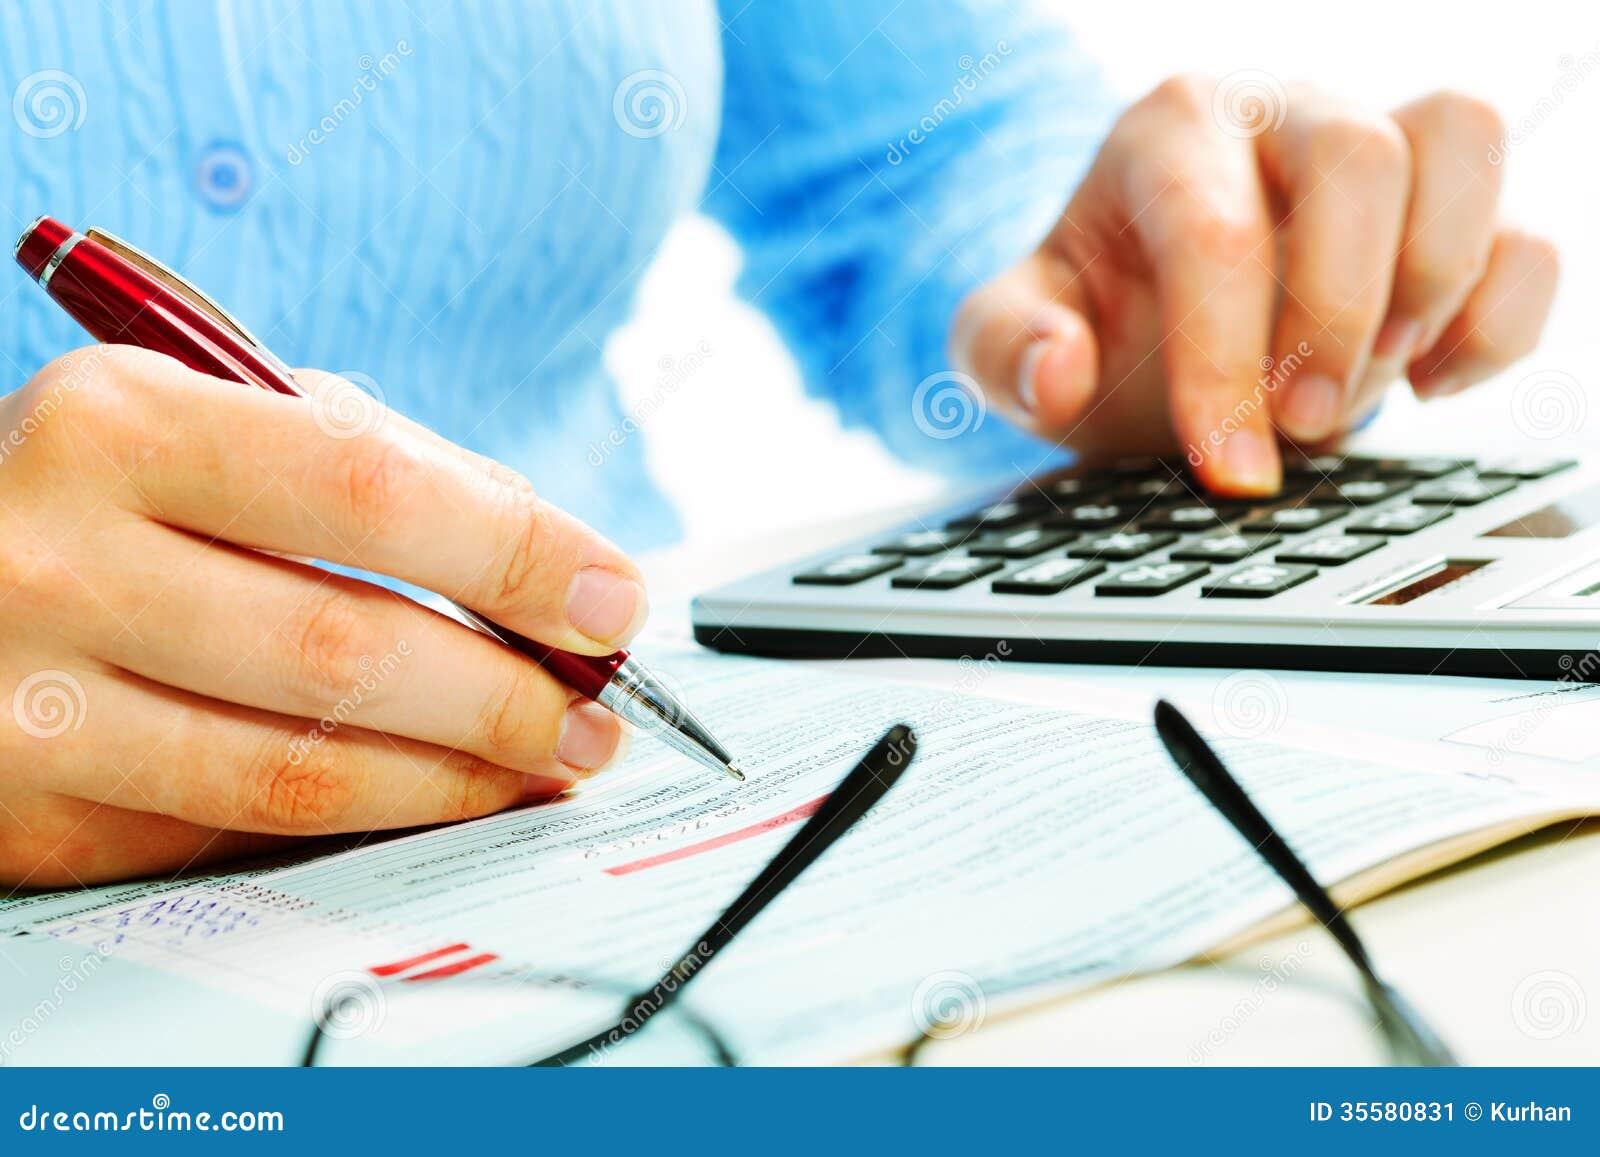 Mãos com calculadora.